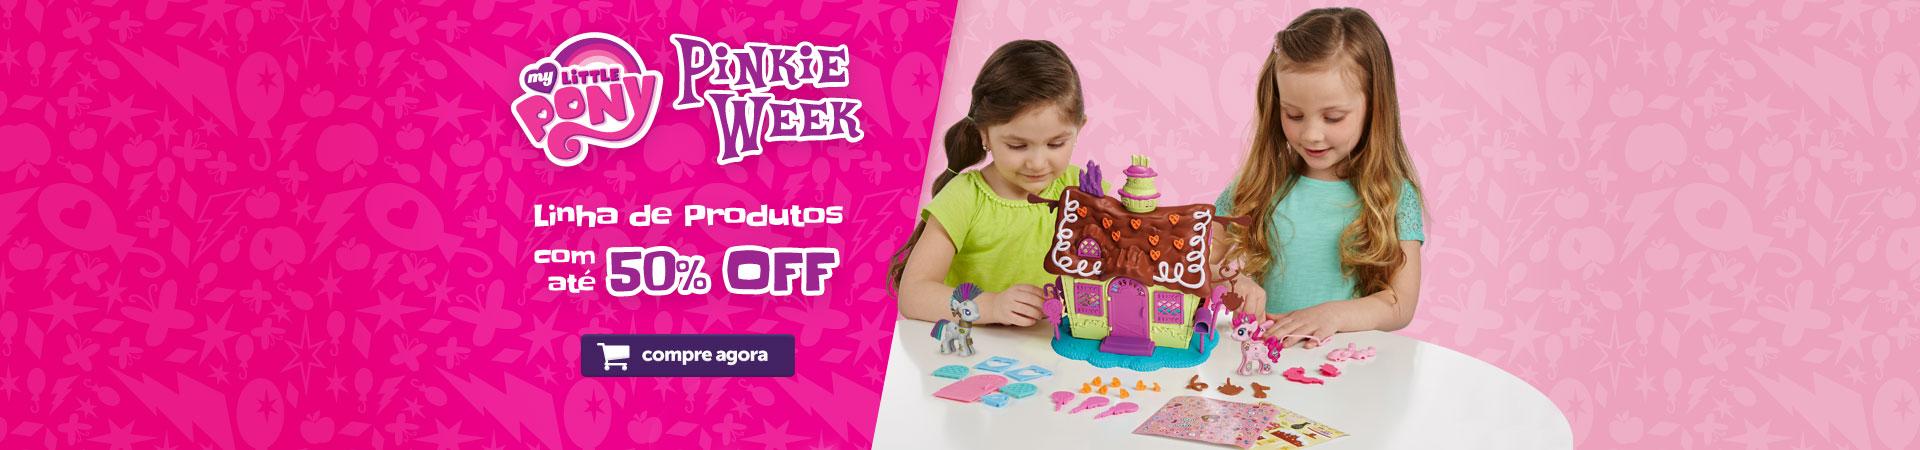 Pinkie Week